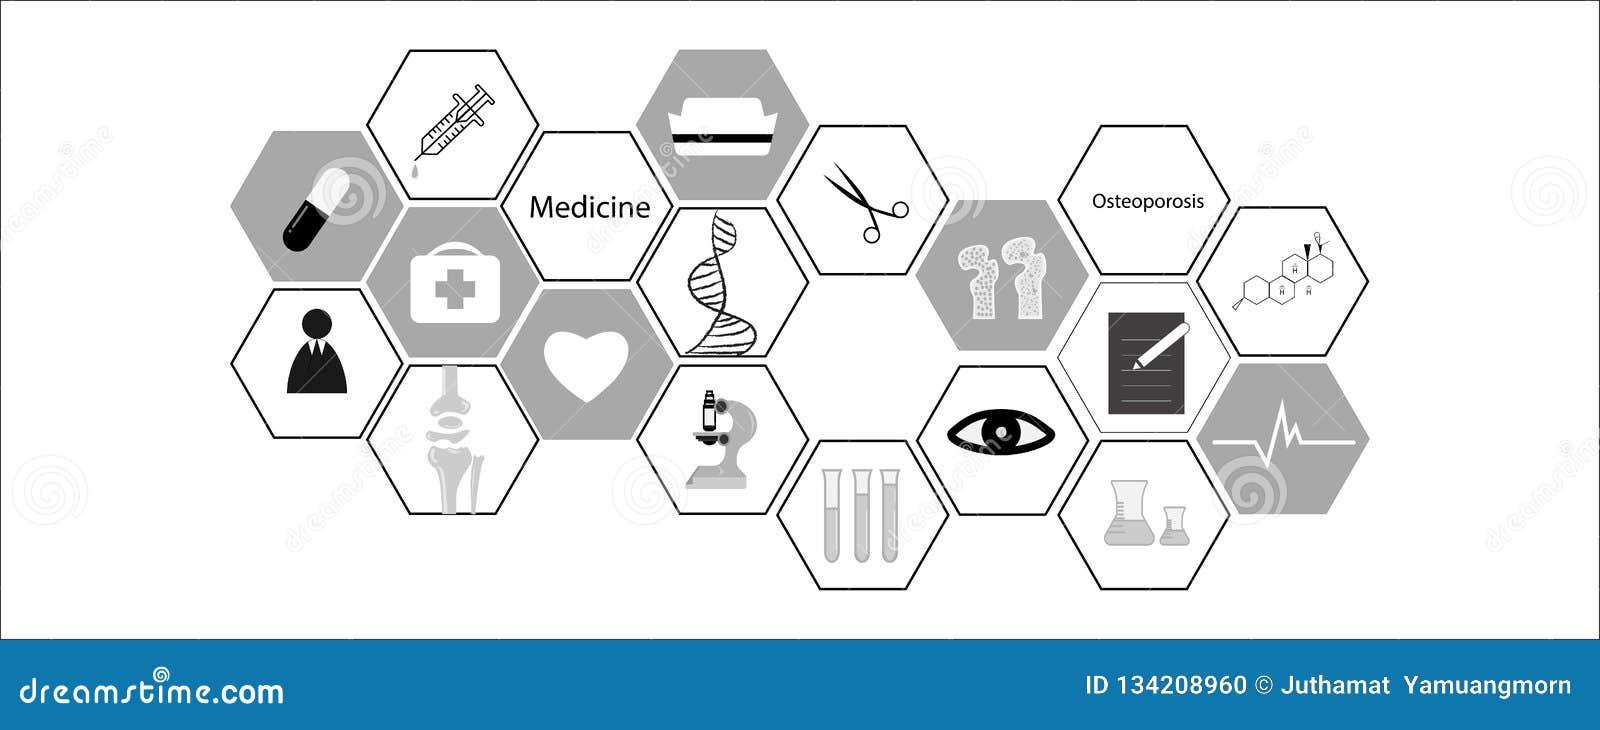 Medizinische Ikone auf weißem Hintergrund Vektorillustration - Vektor